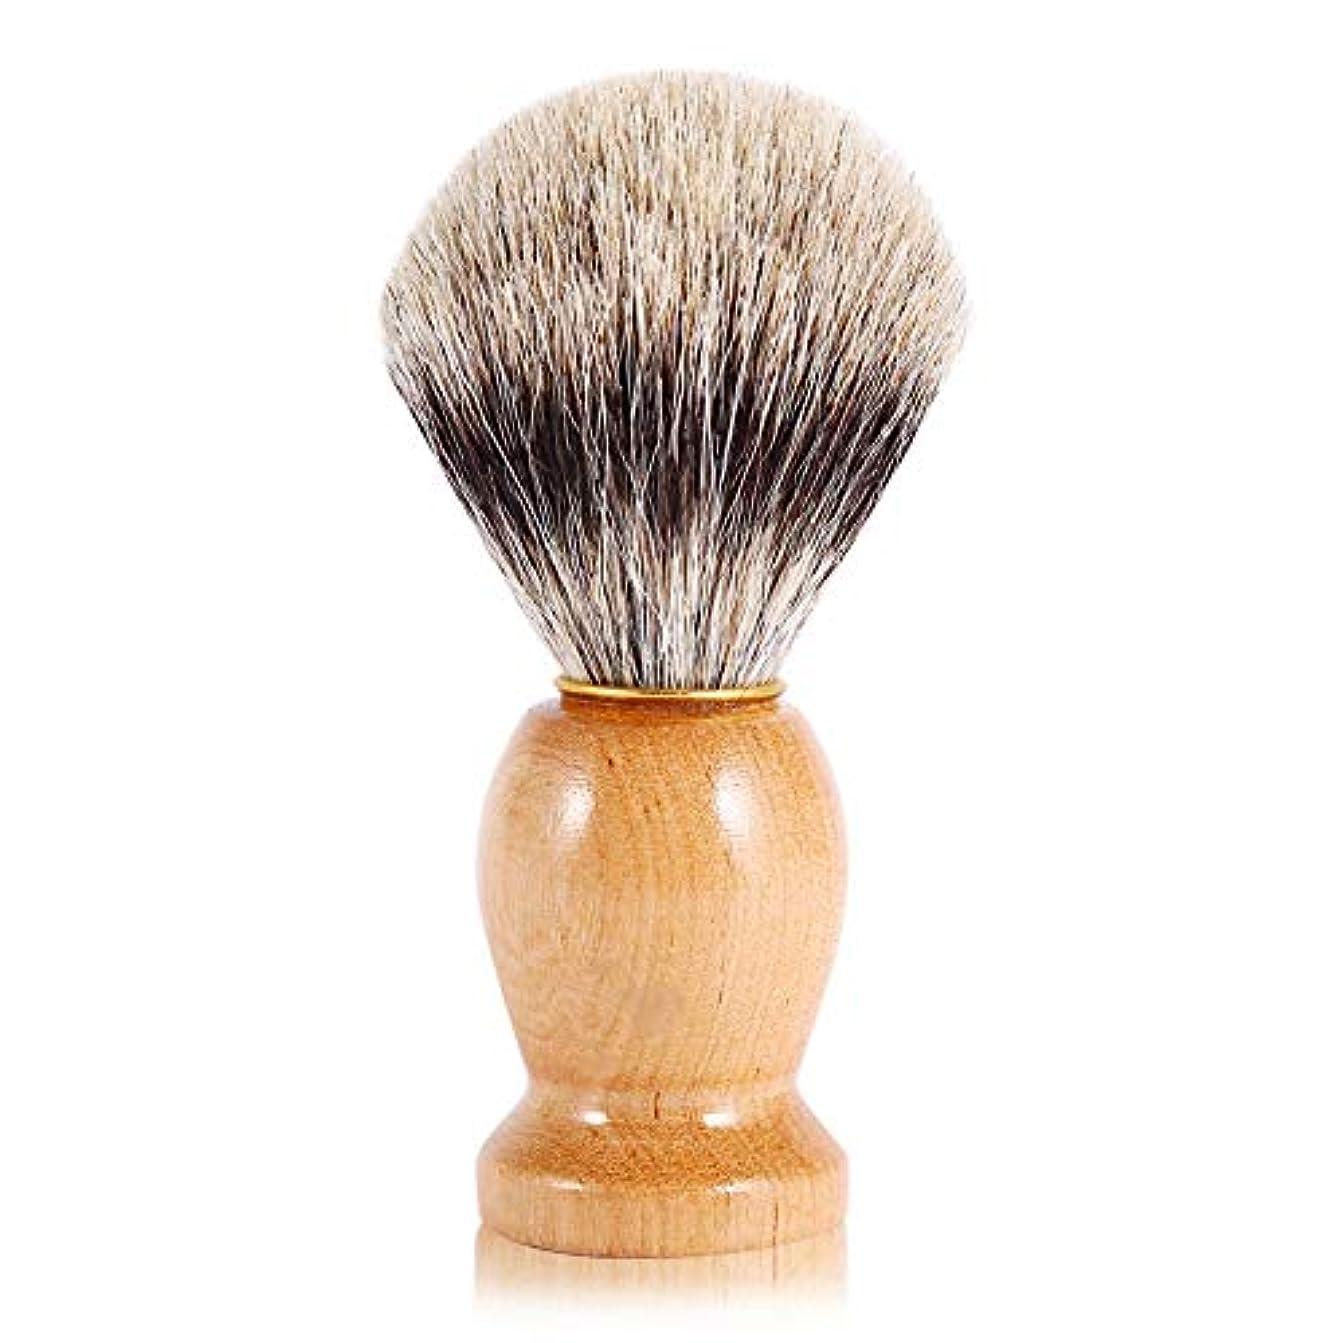 定説リットル揃えるQinlorgo シェービングブラシ メンズ シェービングブラシ あご髭シェービングブラシ フェイシャルクリーニングブラシ バーバーサロンツール 男性用髭剃り用